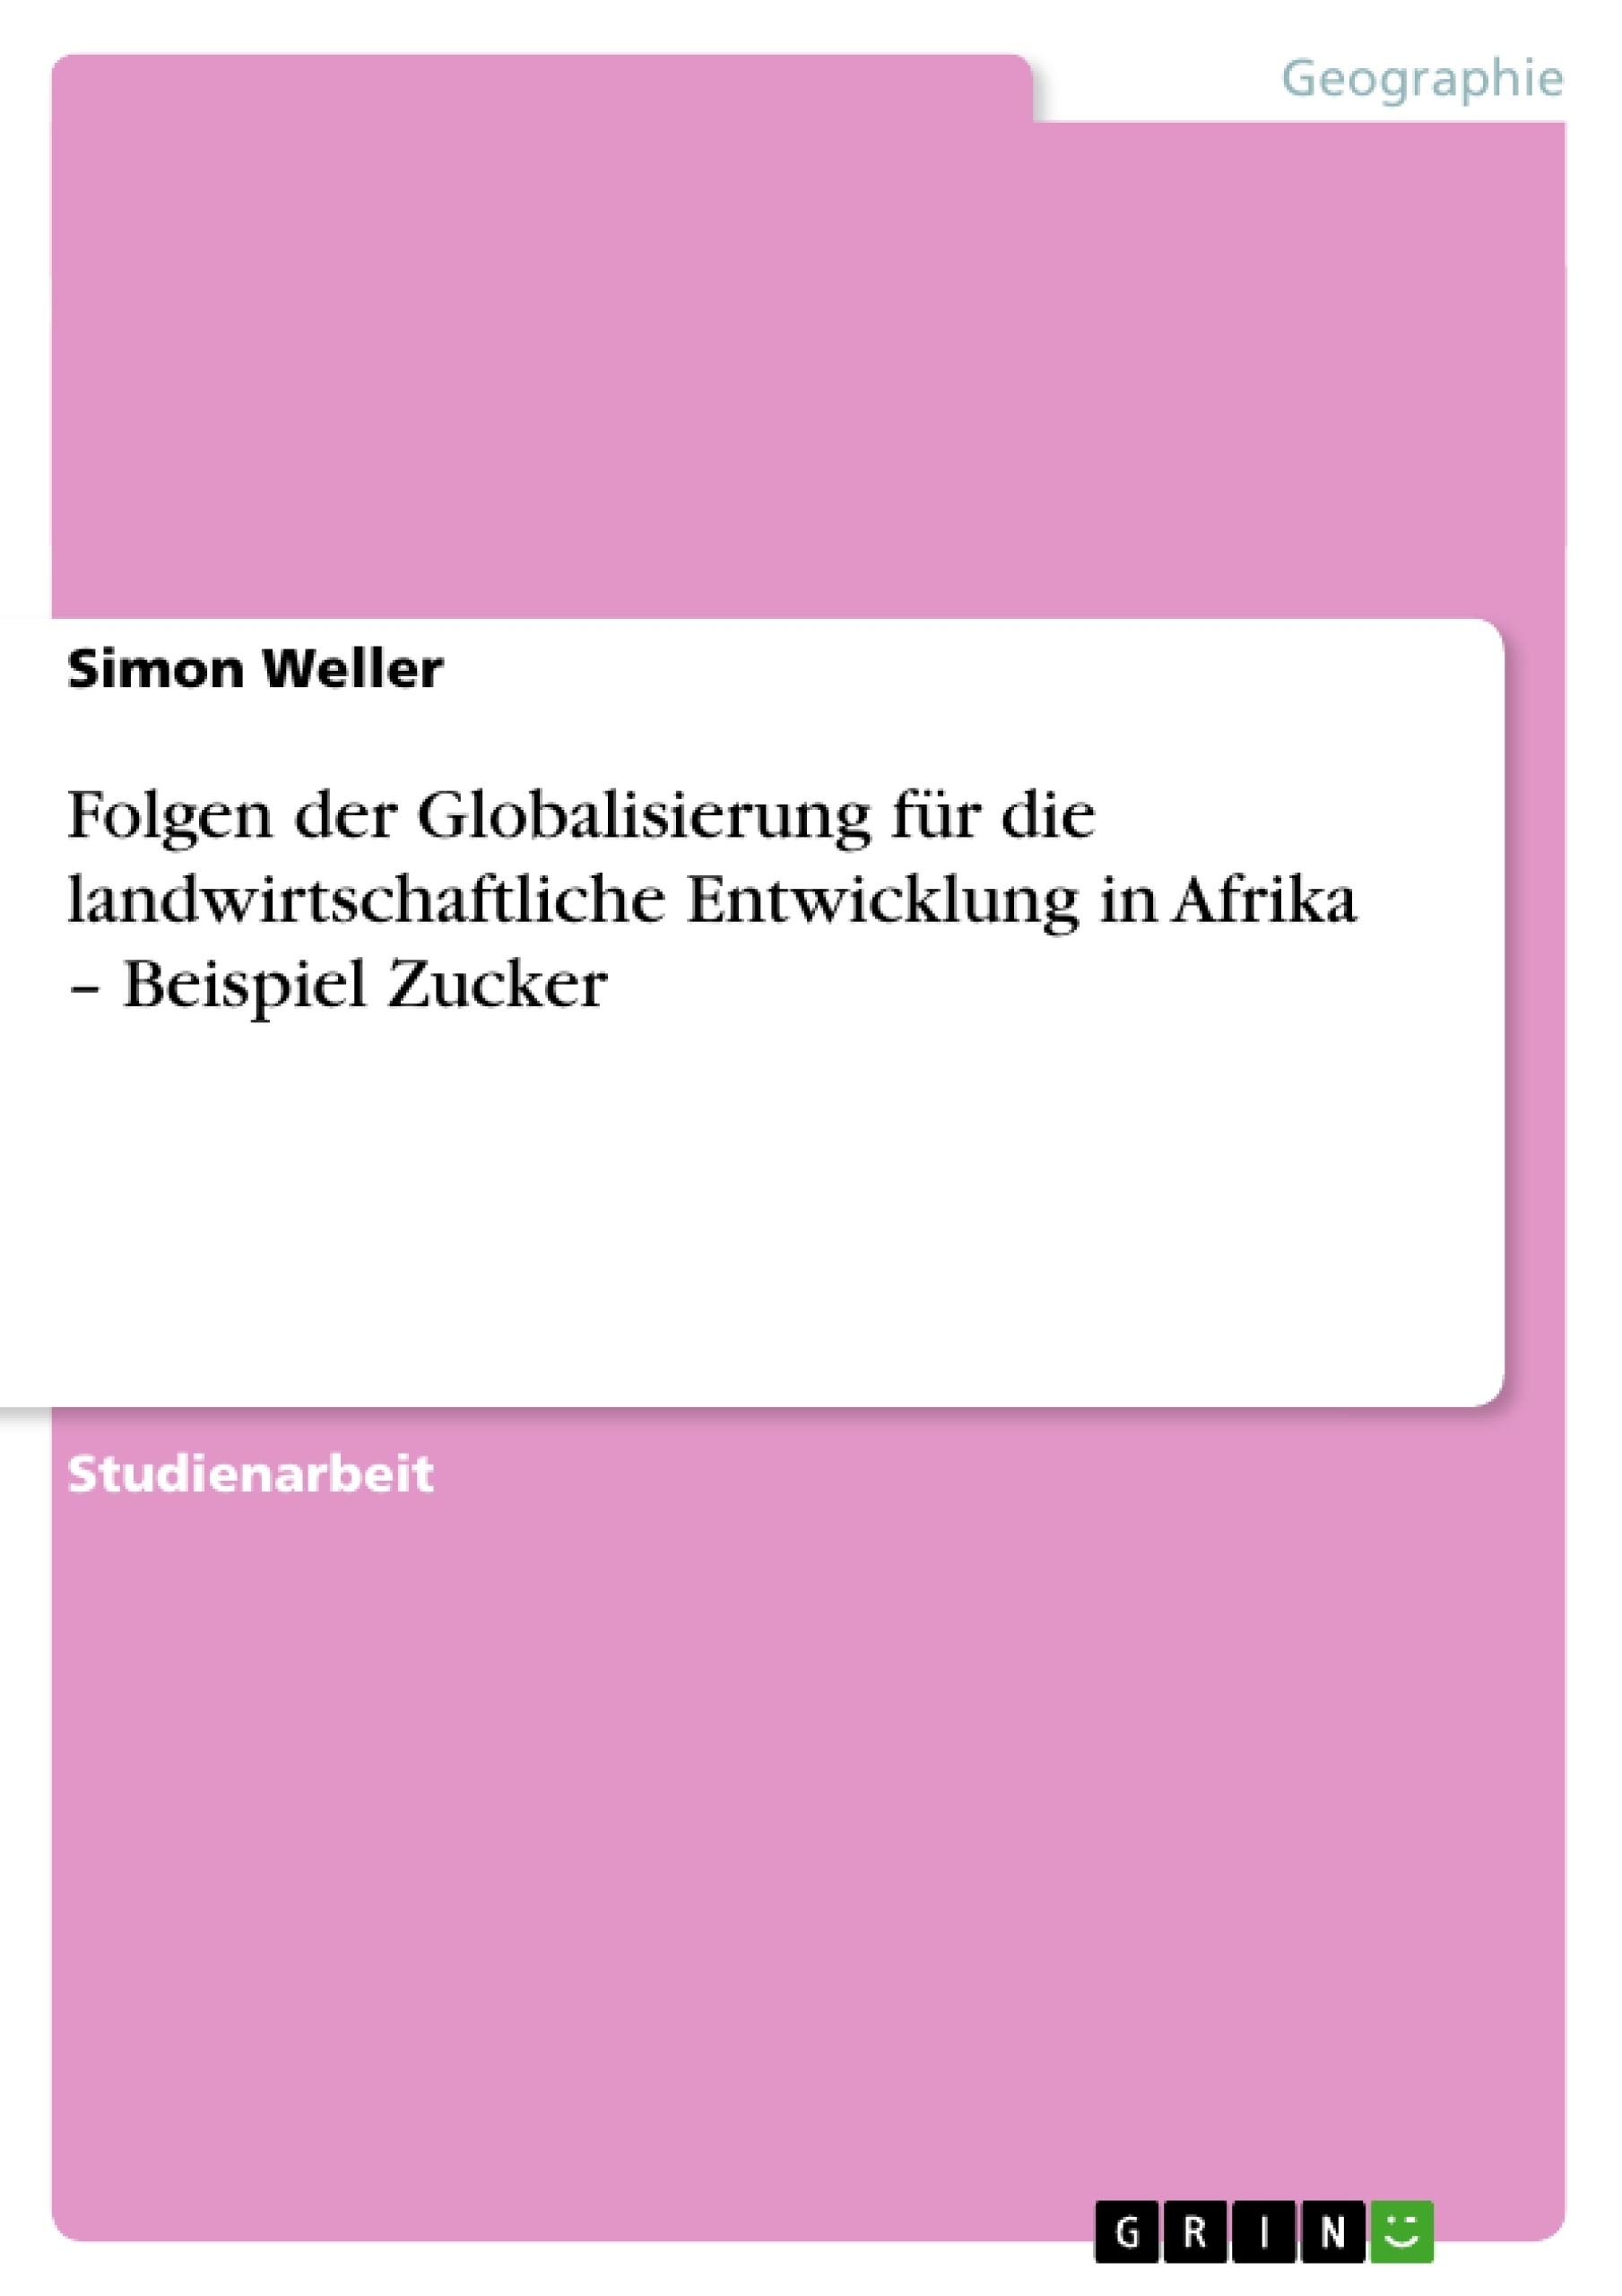 Titel: Folgen der Globalisierung für die landwirtschaftliche Entwicklung in Afrika – Beispiel Zucker